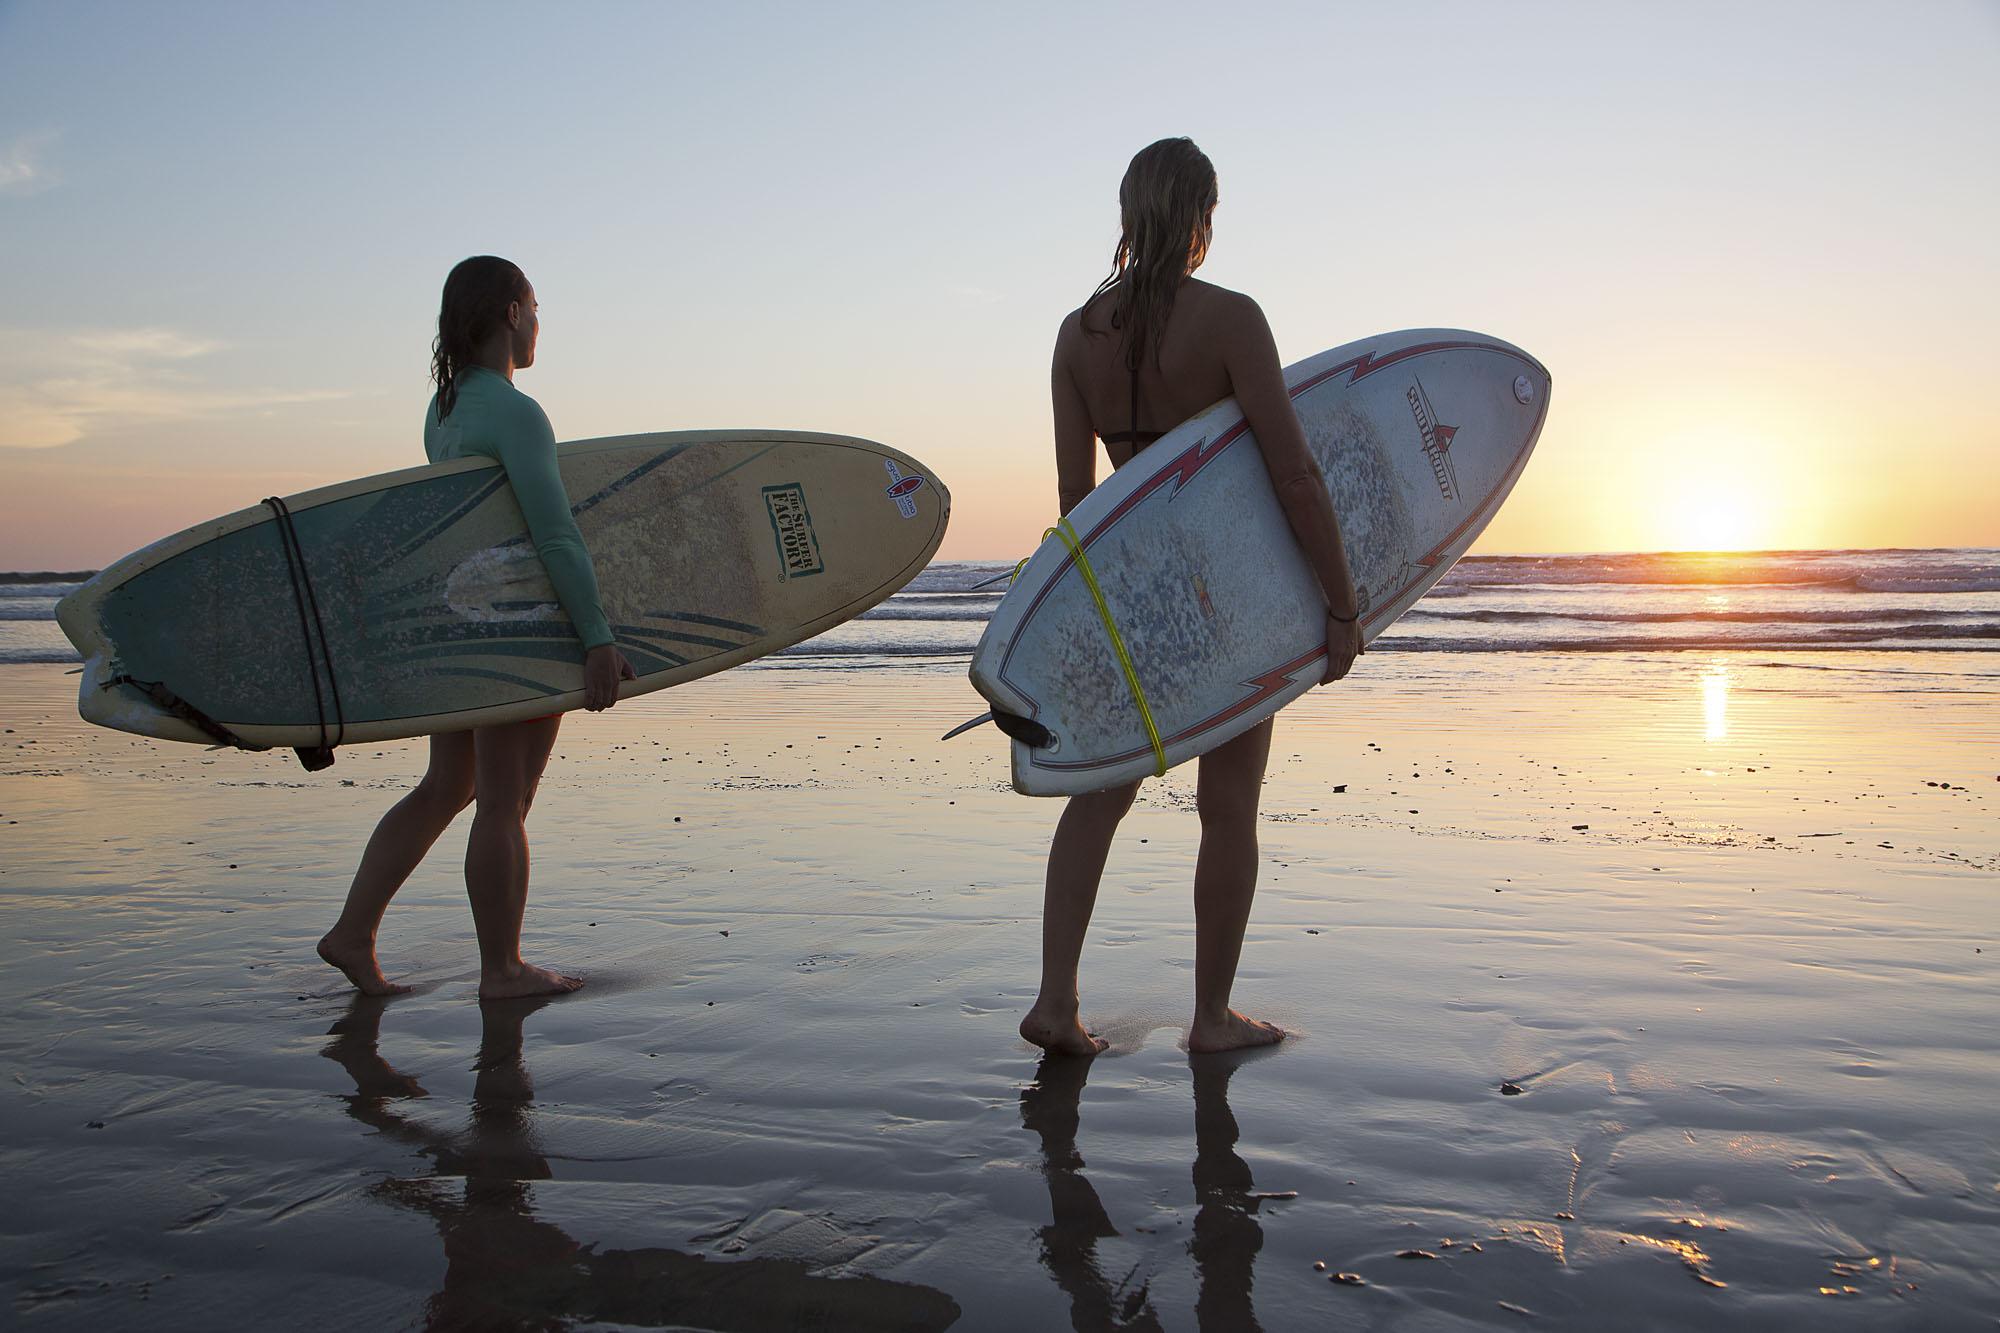 Costa Rica, Provinz Guanacaste, Nosara, Playa Guiones, zwei Mädchen mit Surfboards , Sonnenuntergang